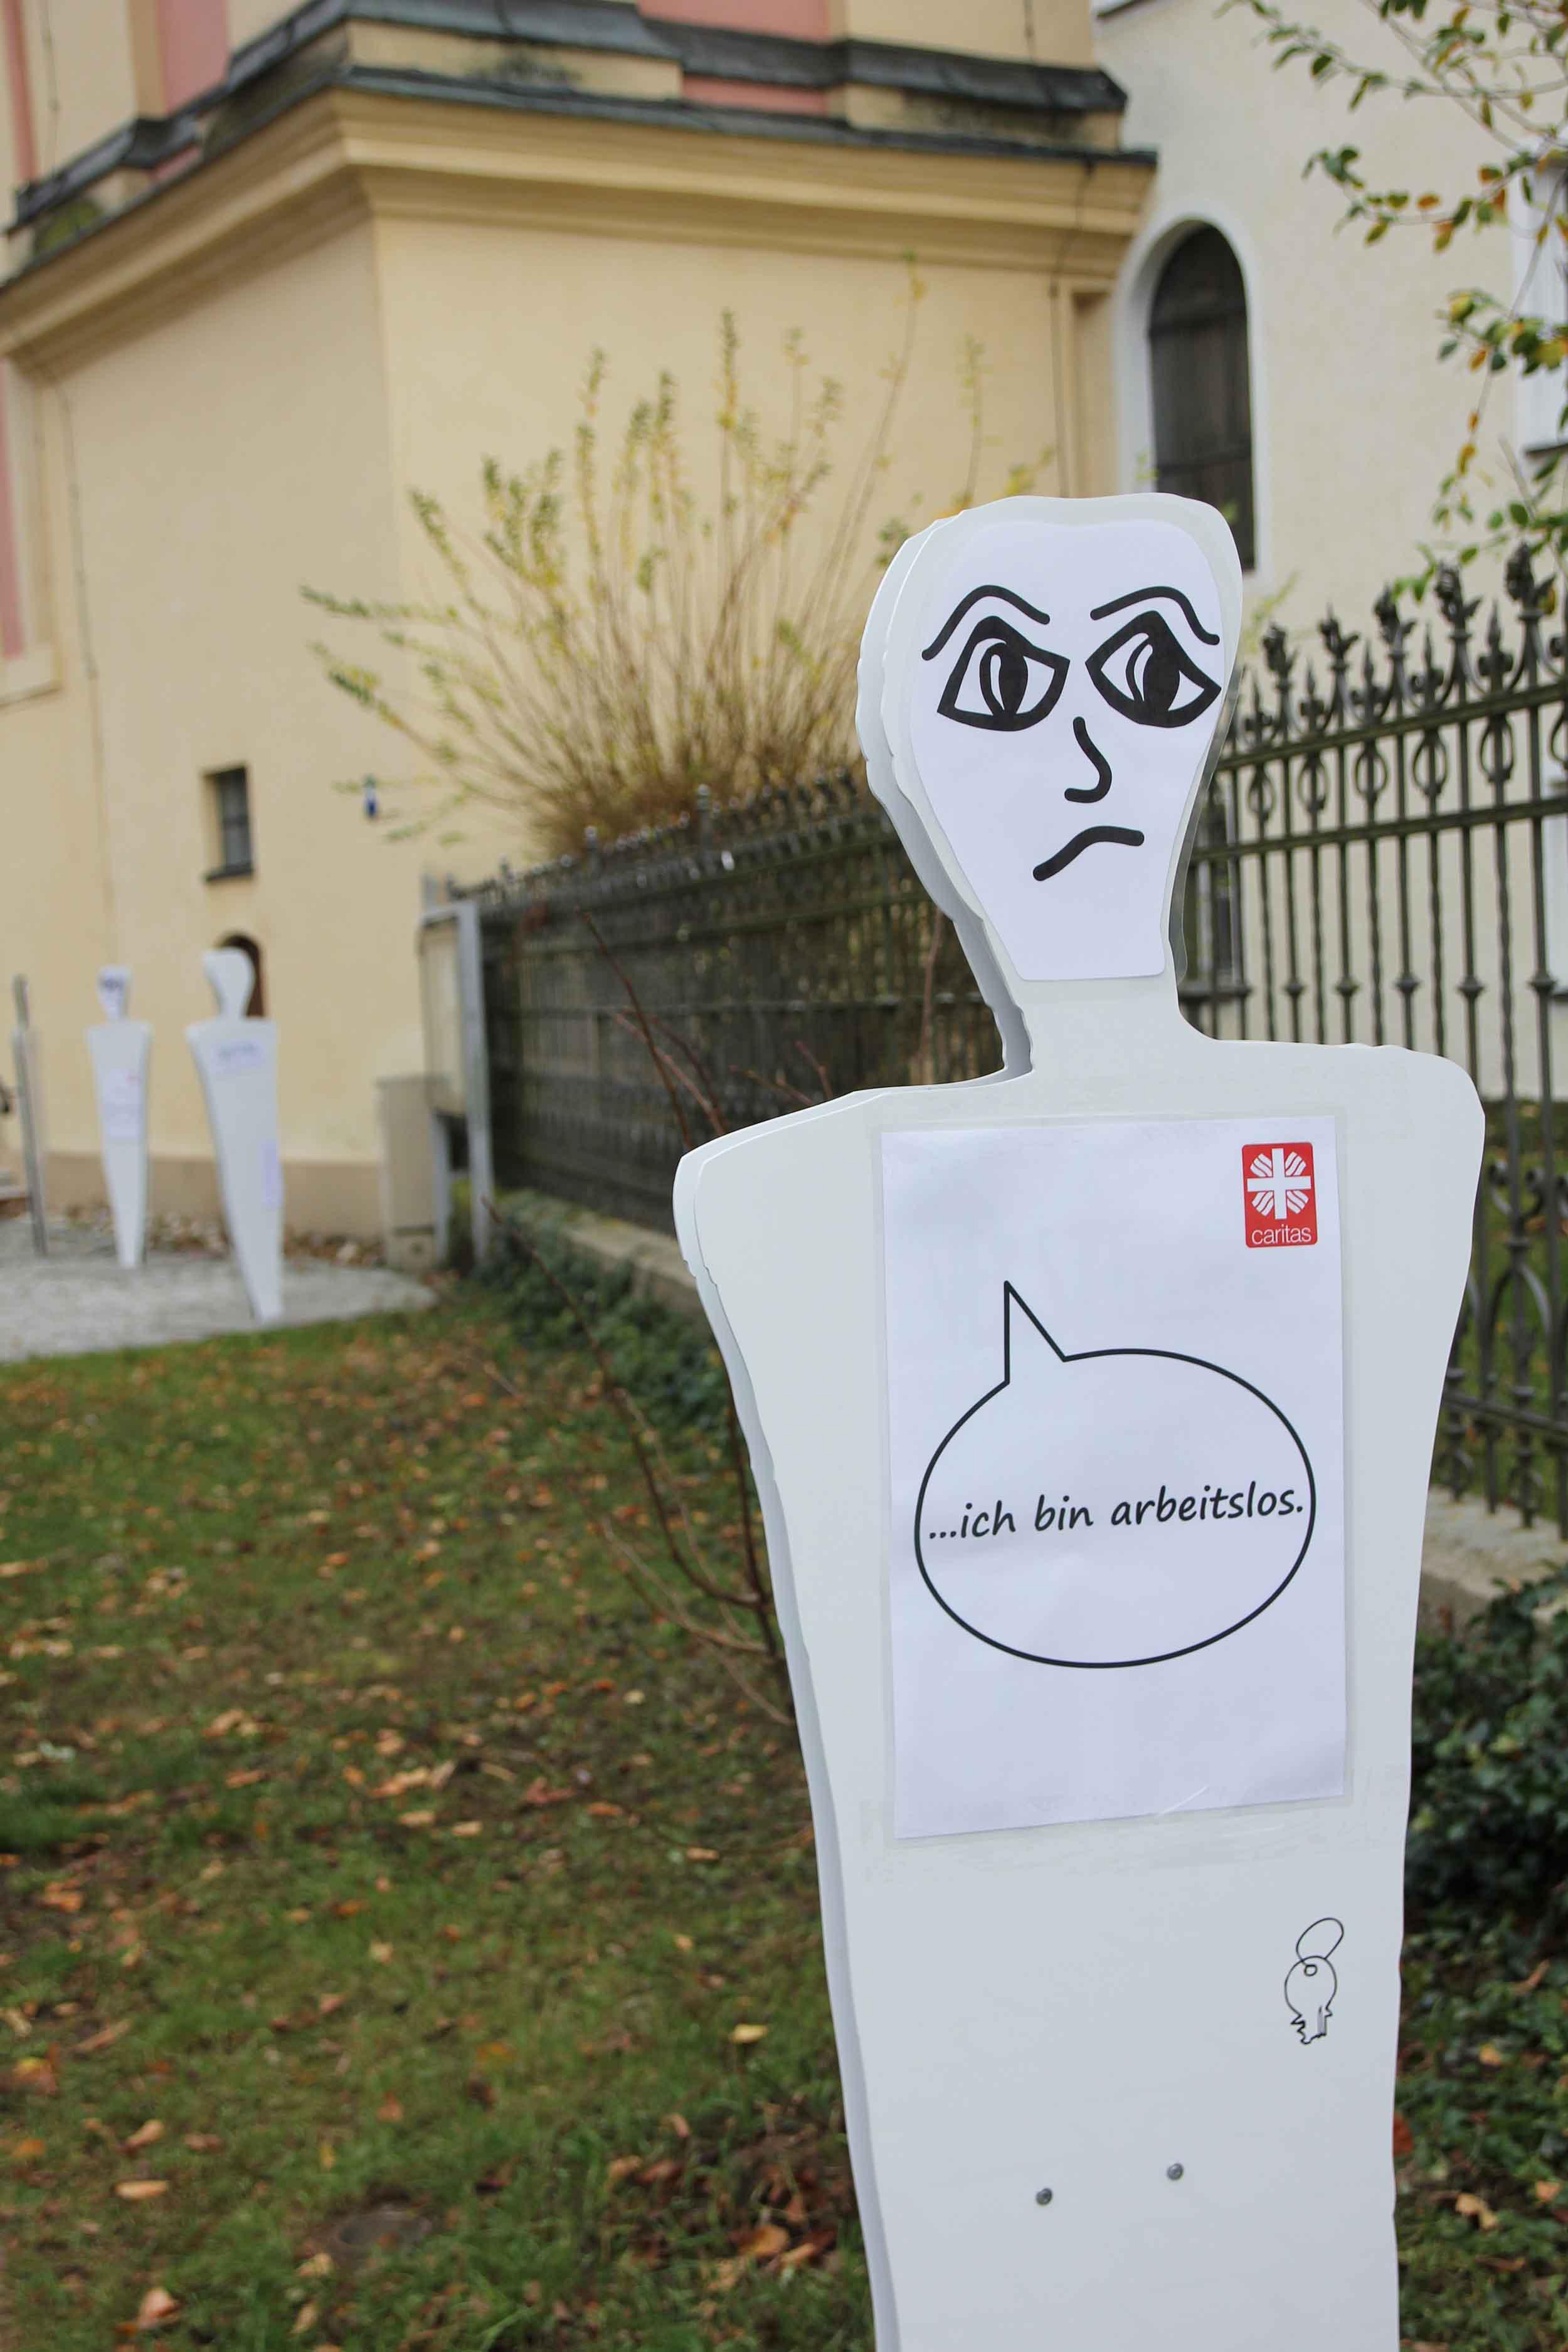 Lebensgroße Figuren auf dem Vorplatz der Heilig Geist Kirche in Neuburg machen auf Armutssituationen aufmerksam (Foto: Bernhard Gattner / Caritas).